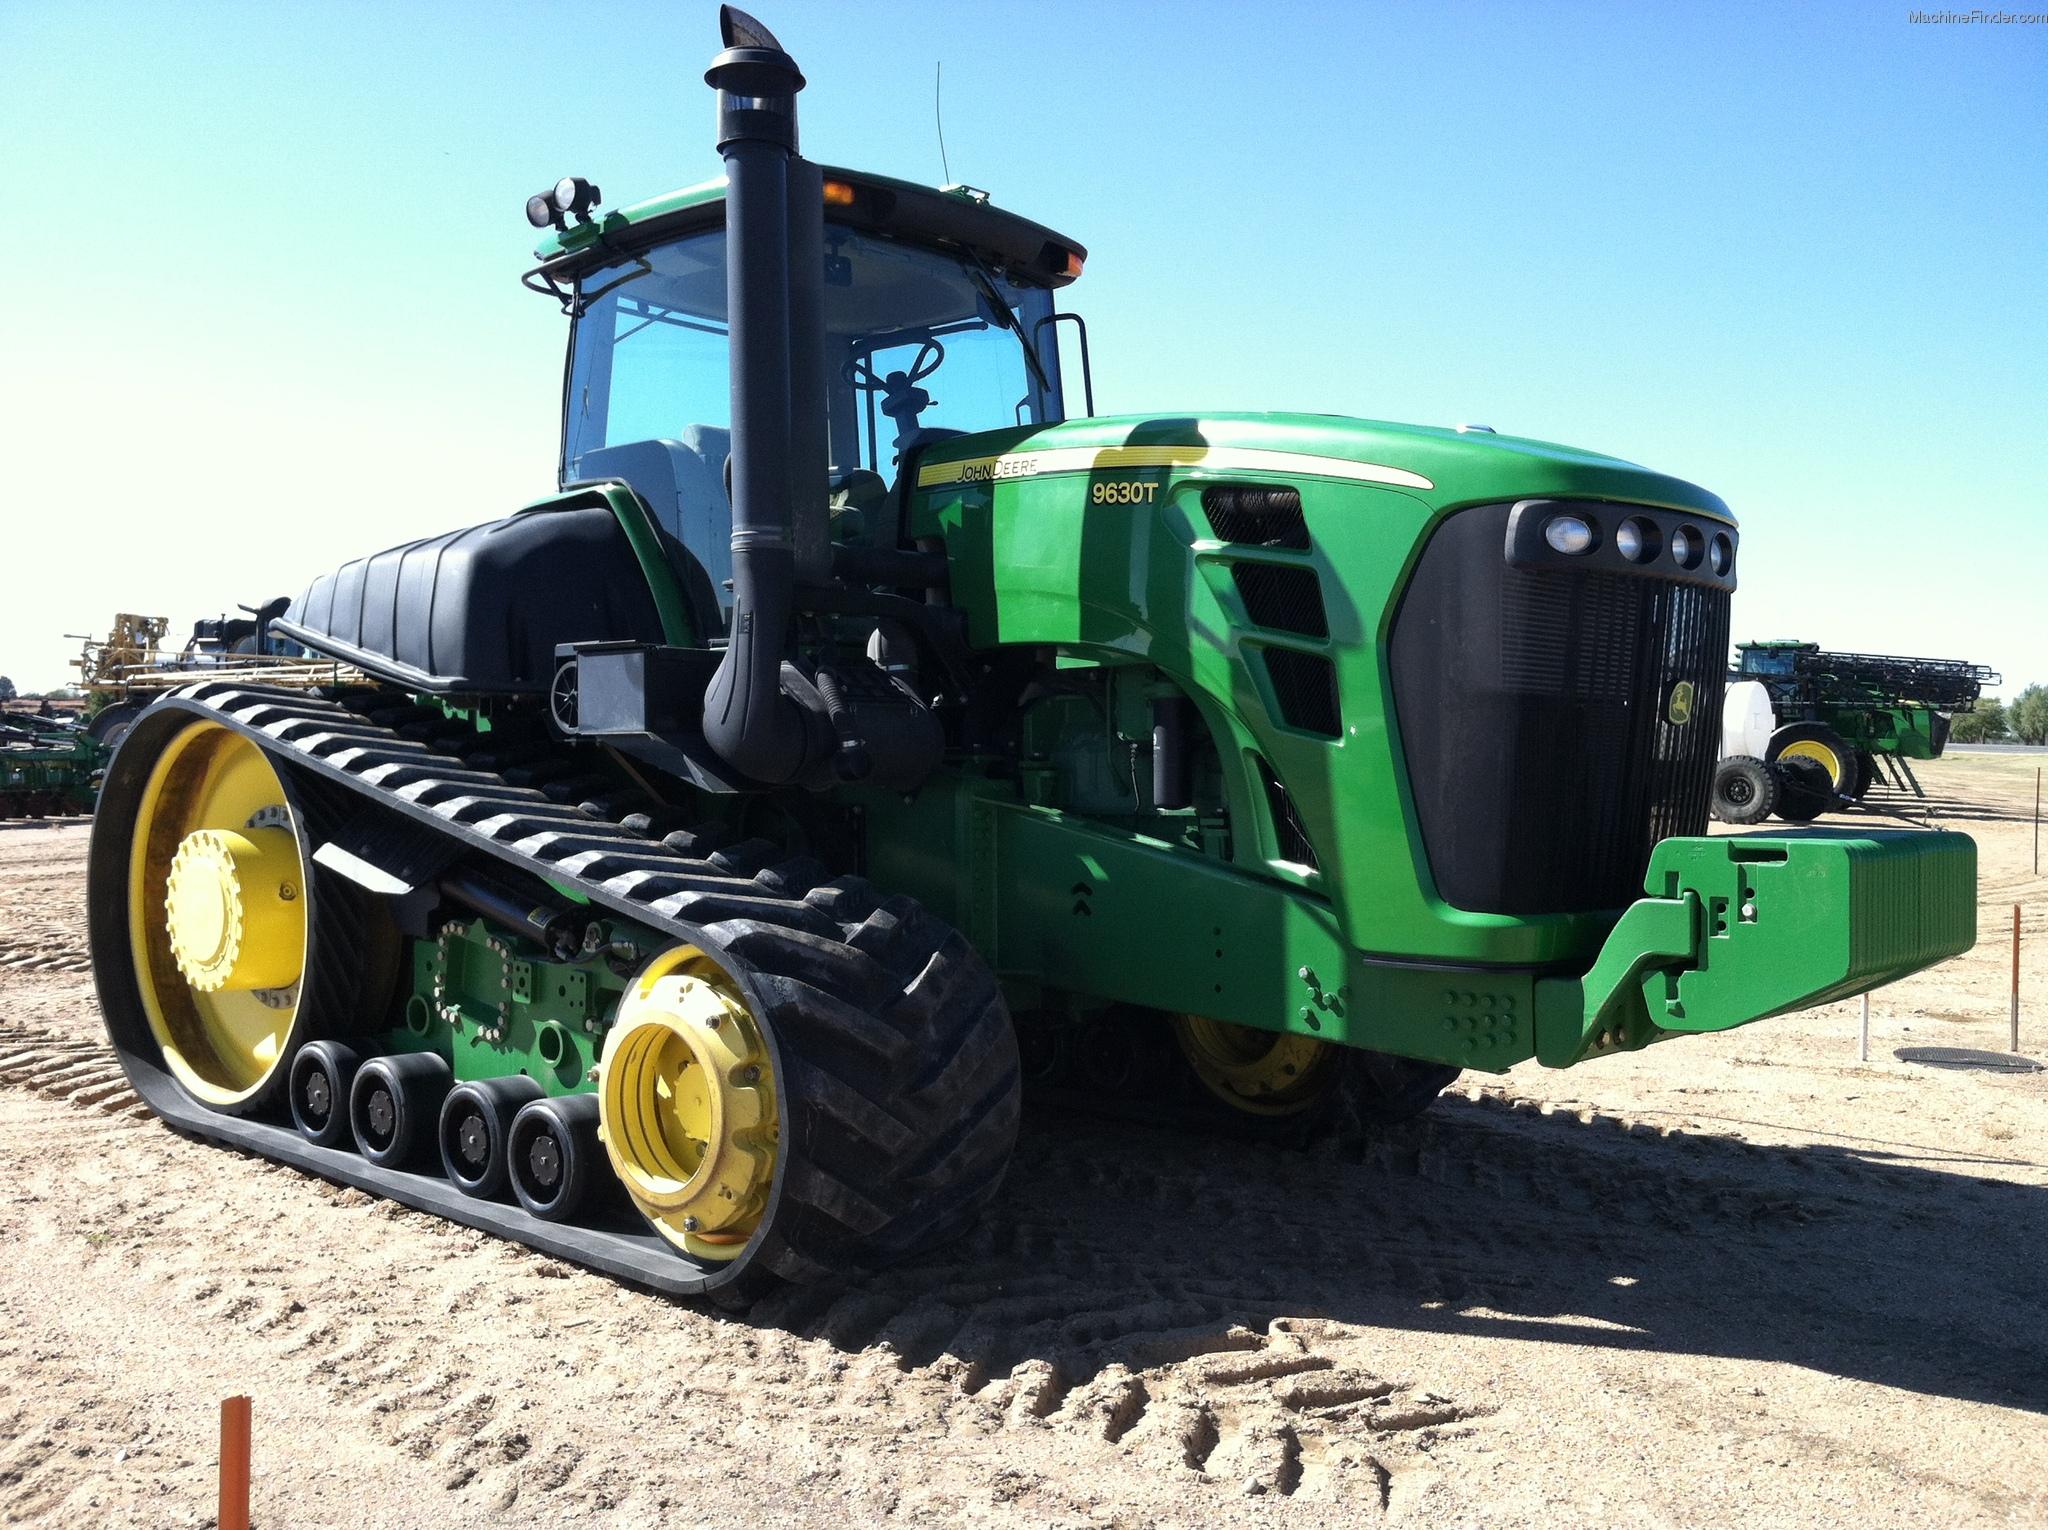 2007 John Deere 9630T Tractors - Articulated 4WD - John ...